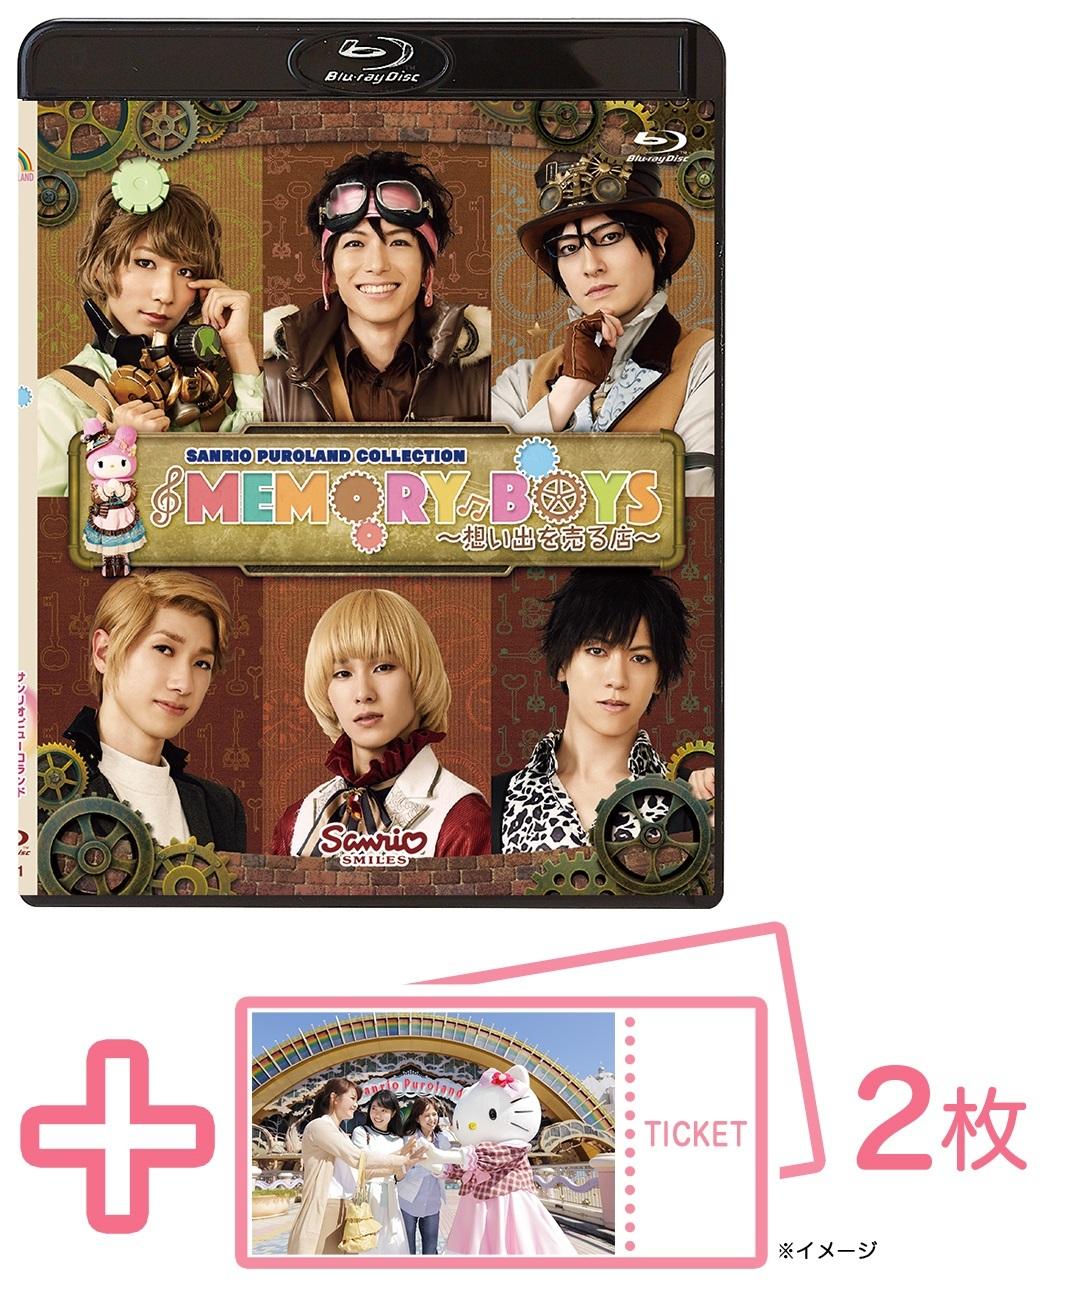 イケメン出演ミュージカル♡「メモミュ」のブルーレイ&サンリオピューロランドパスポートを5名様にプレゼント_1_1